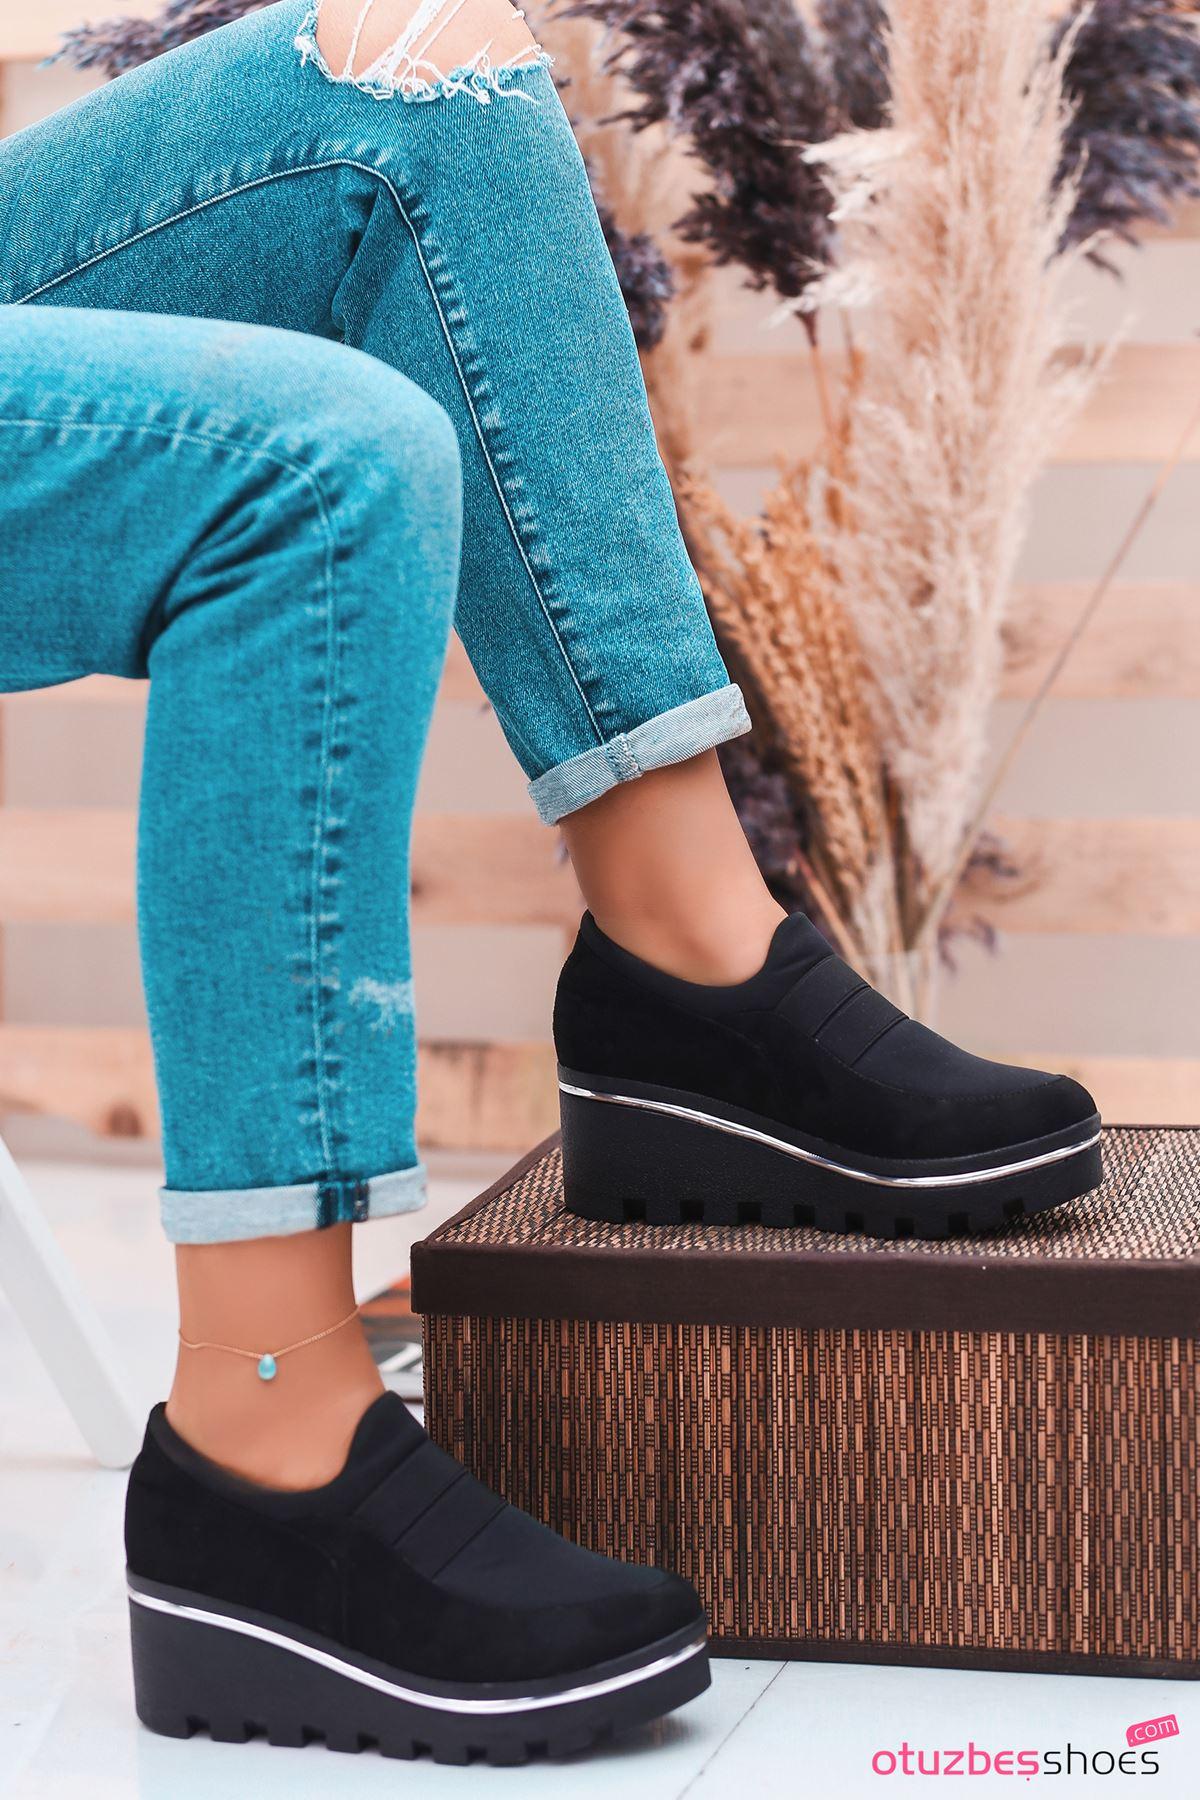 Bratz Lastik Dolgu Topuk Ayakkabı Siyah Süet